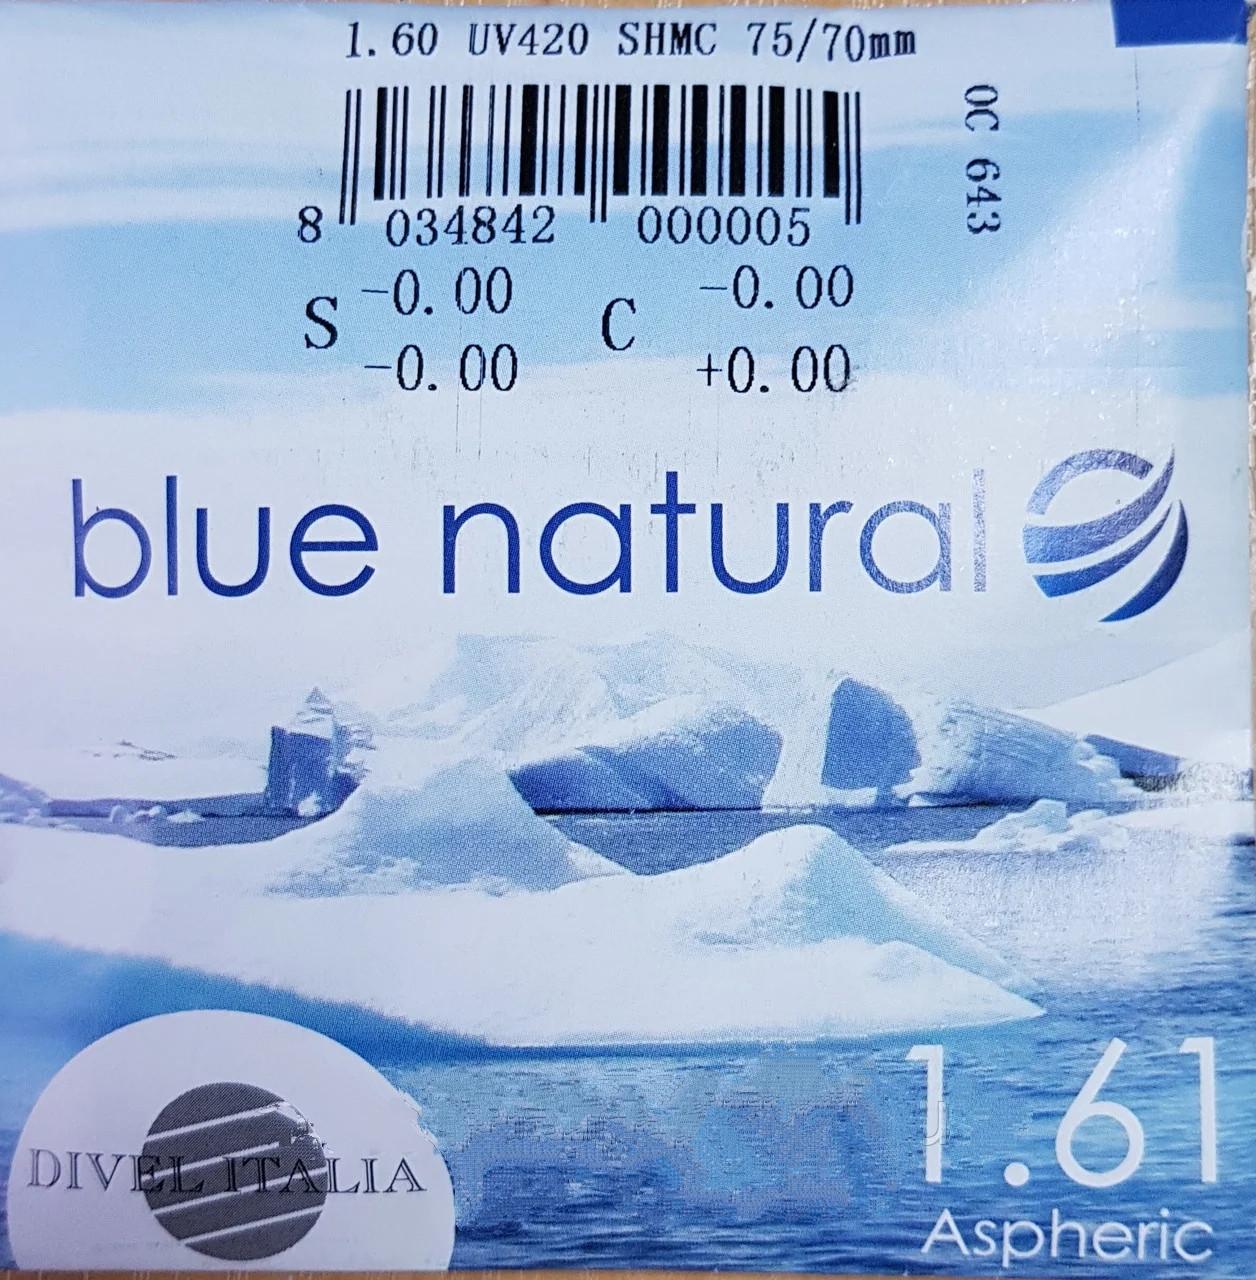 Асферическая с покрытие Silken линза для очков Blue Natural 1,61, марочная Есть астигматика (Италия)